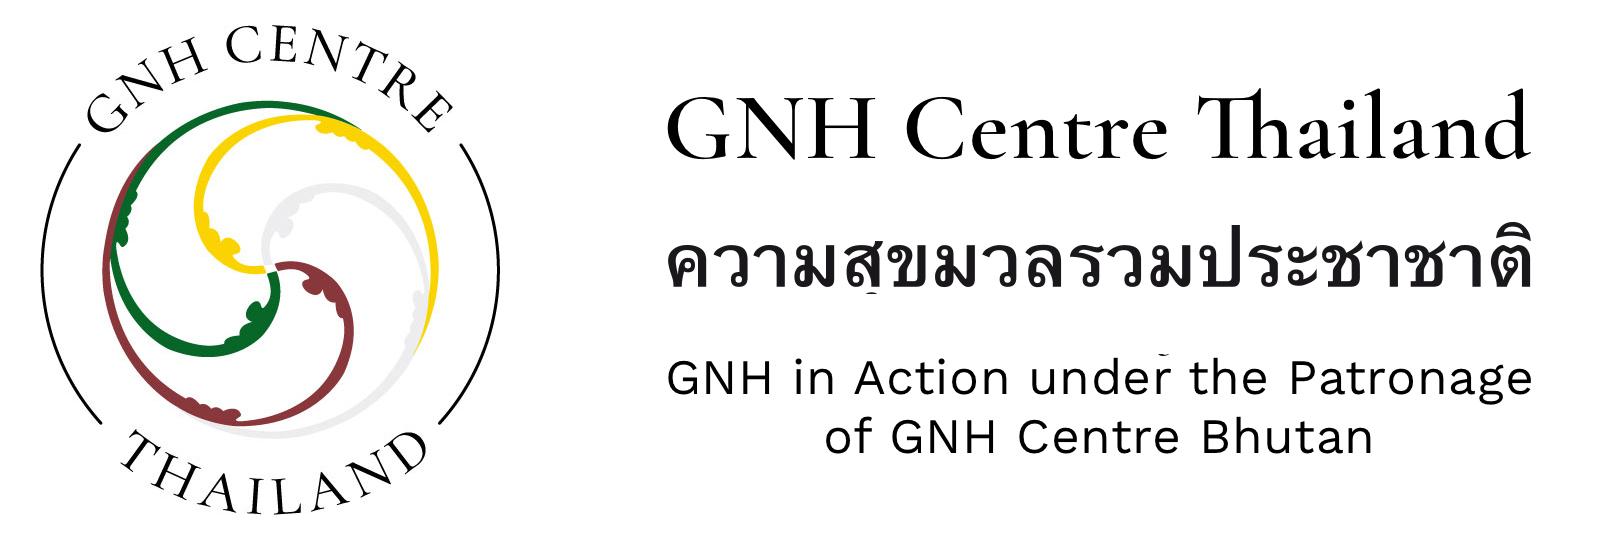 GNH Centre Thailand